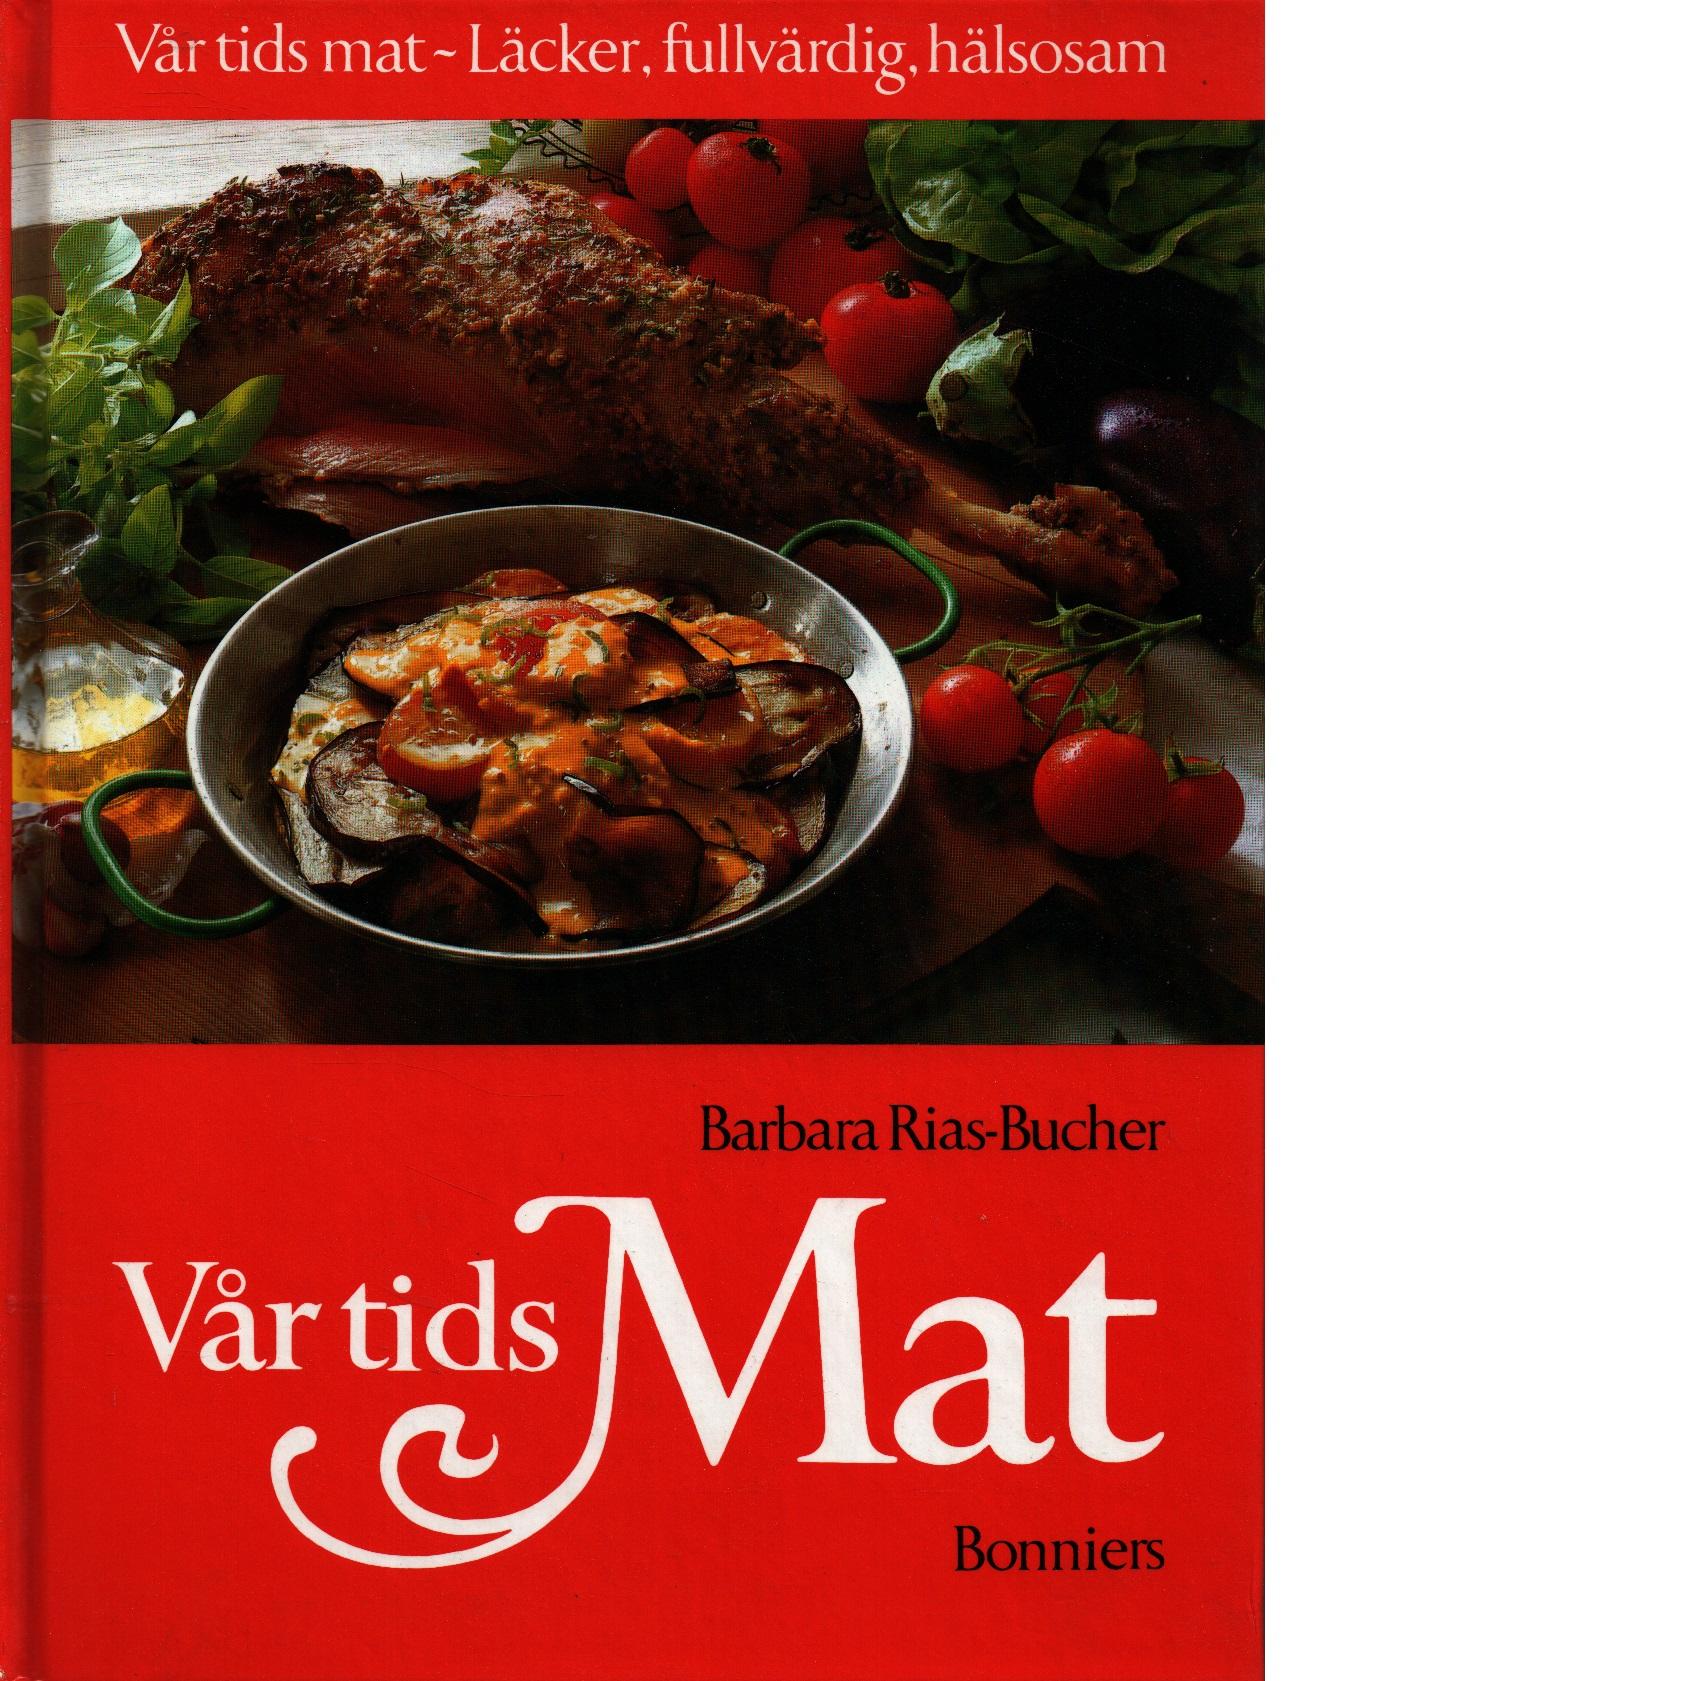 Vår tids mat : [läcker, fullvärdig, hälsosam] - Rias-Bucher, Barbara